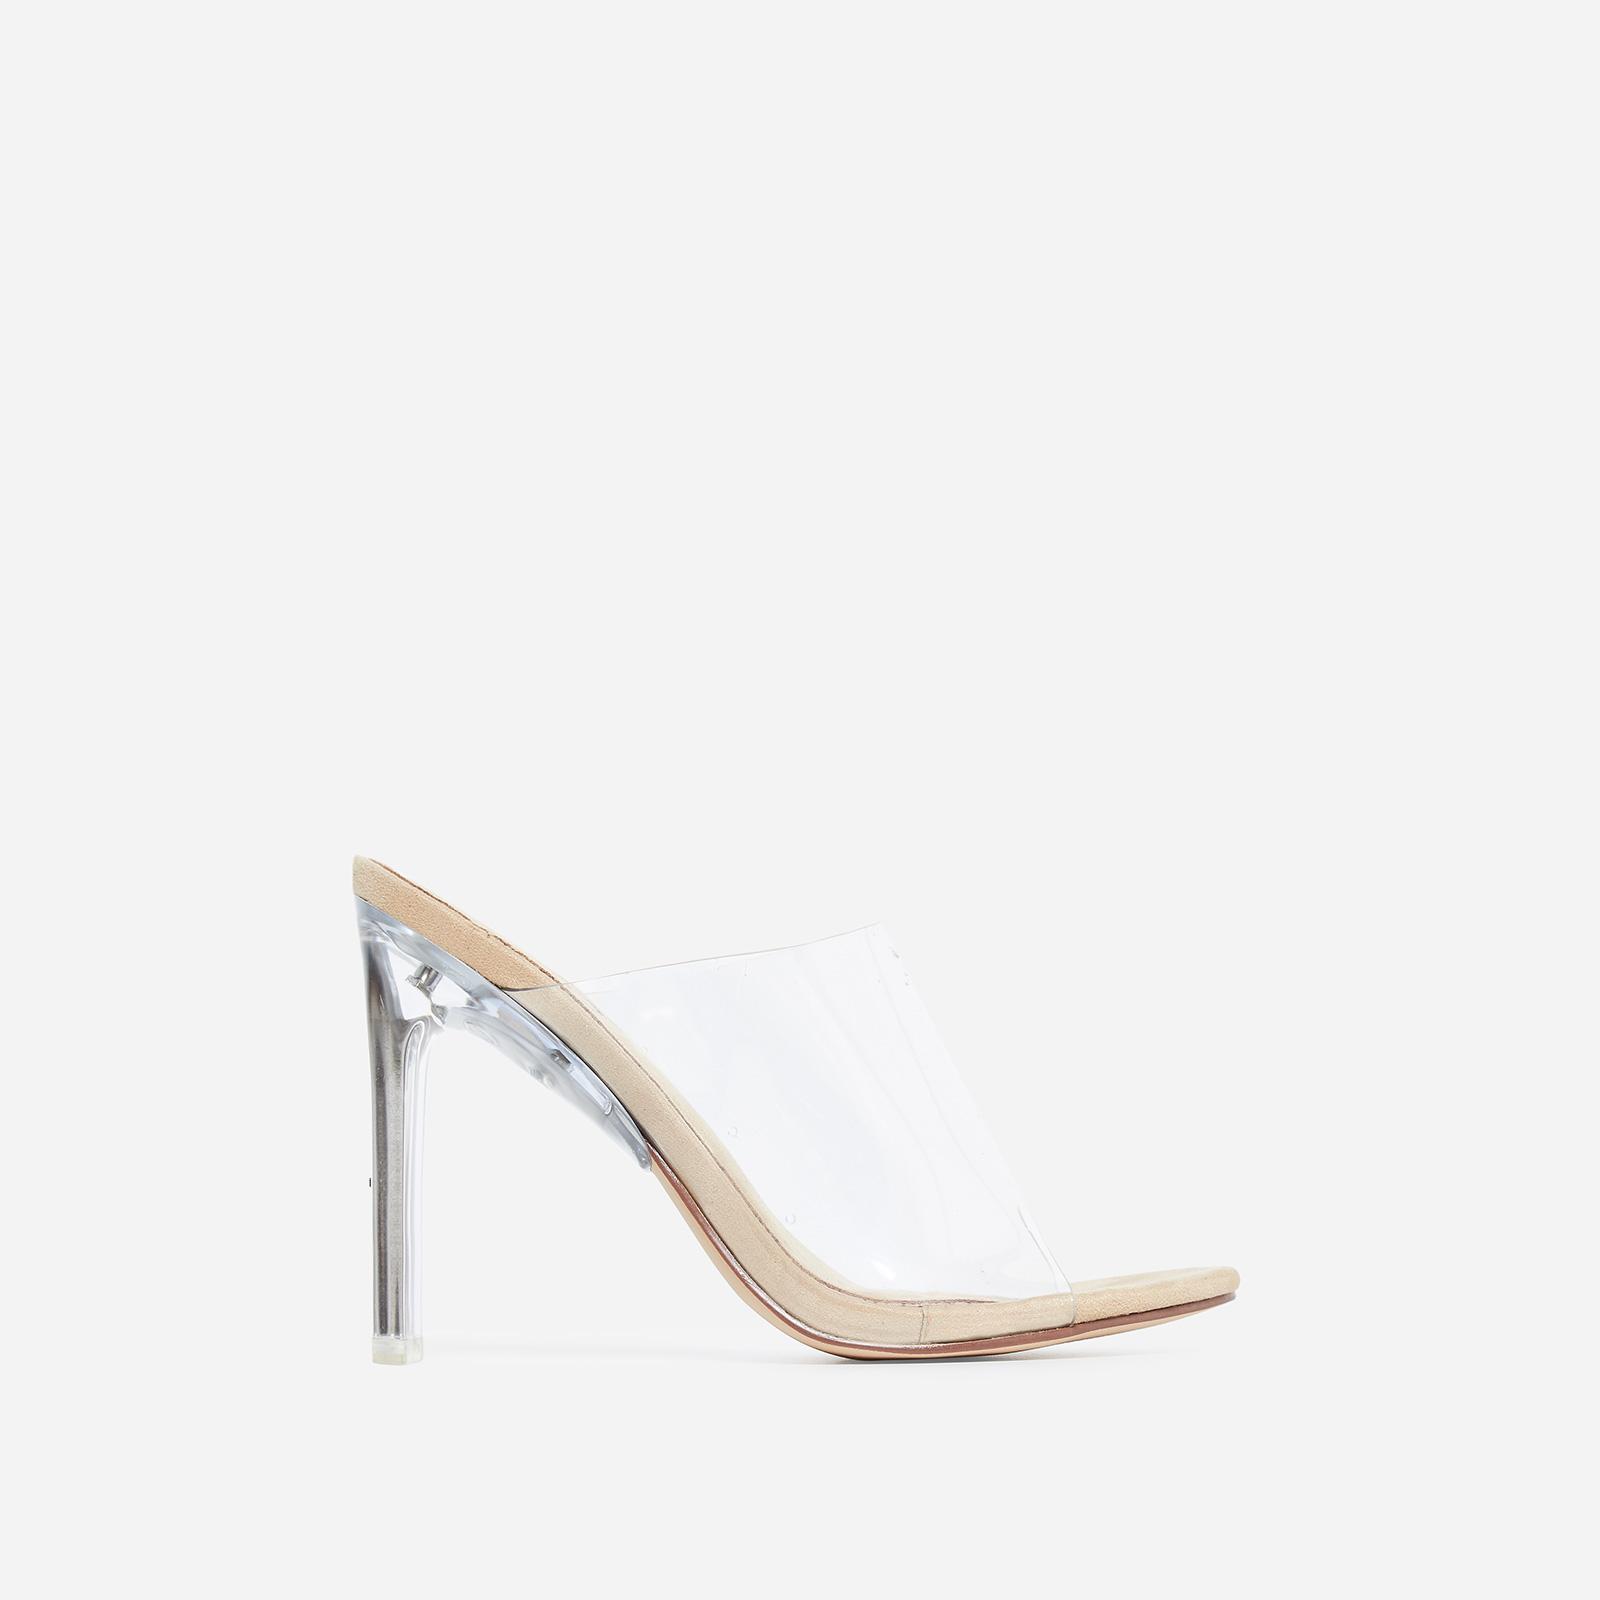 Theory Peep Toe Flat Perspex Heel Mule In Nude Faux Suede